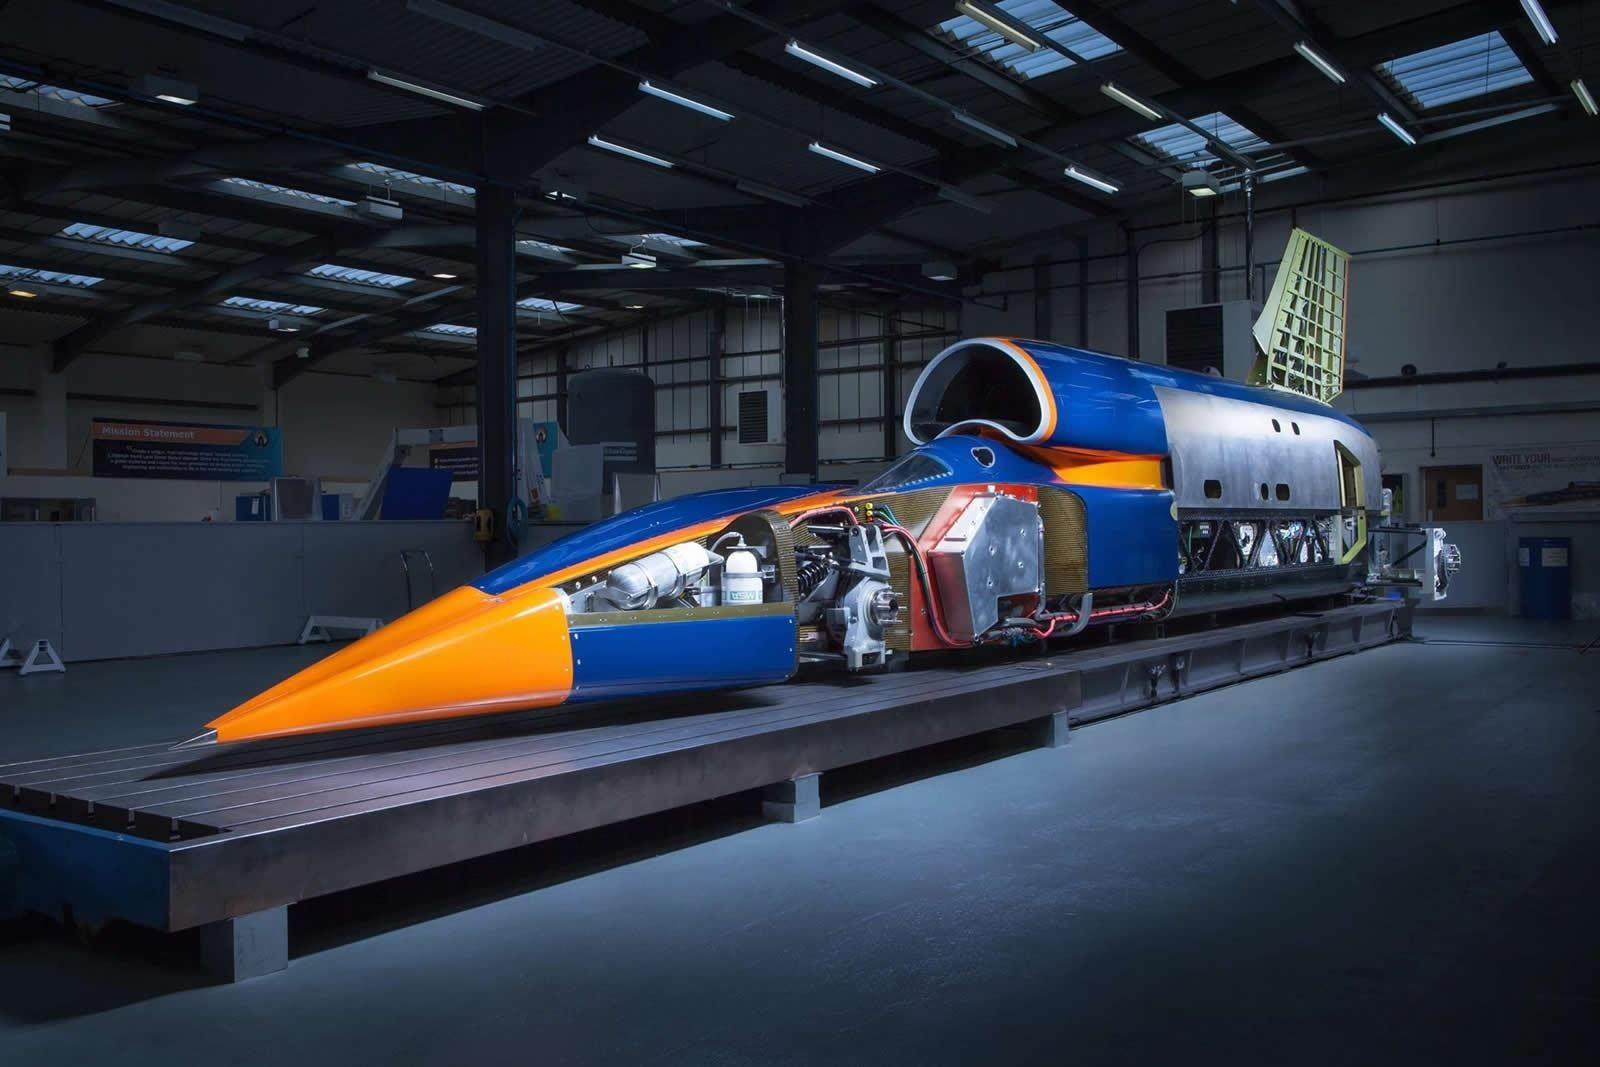 ВНорвегии разработали автомобиль, разгоняющийся до1600 км/ч